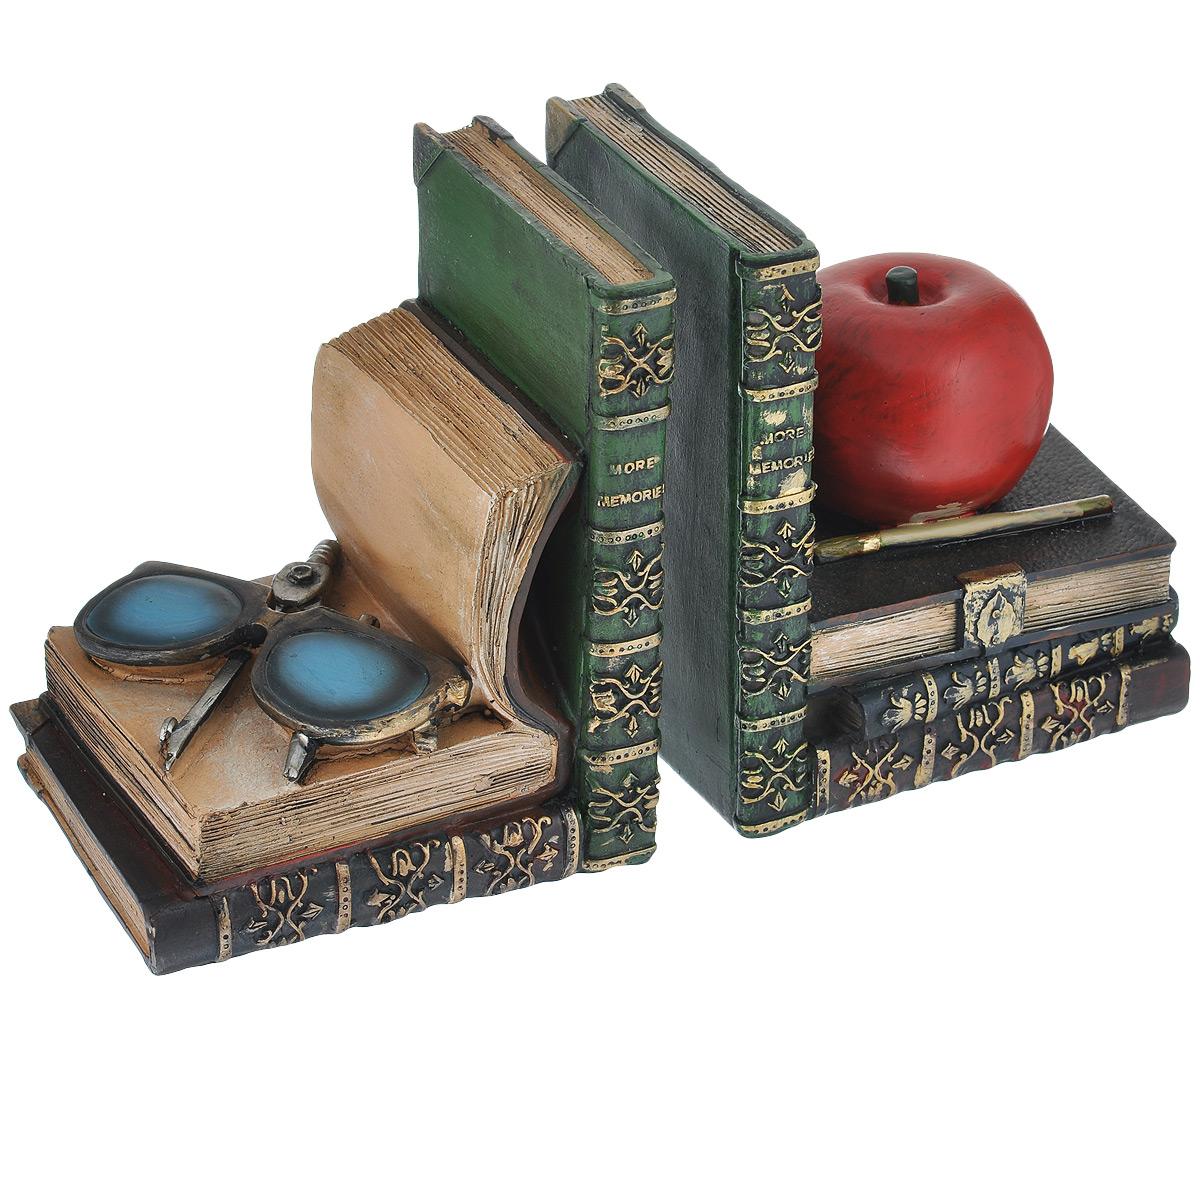 Подставка-ограничитель для книг Наука, 2 шт ограничители для книг magic home ограничитель для книг эйфелева башня